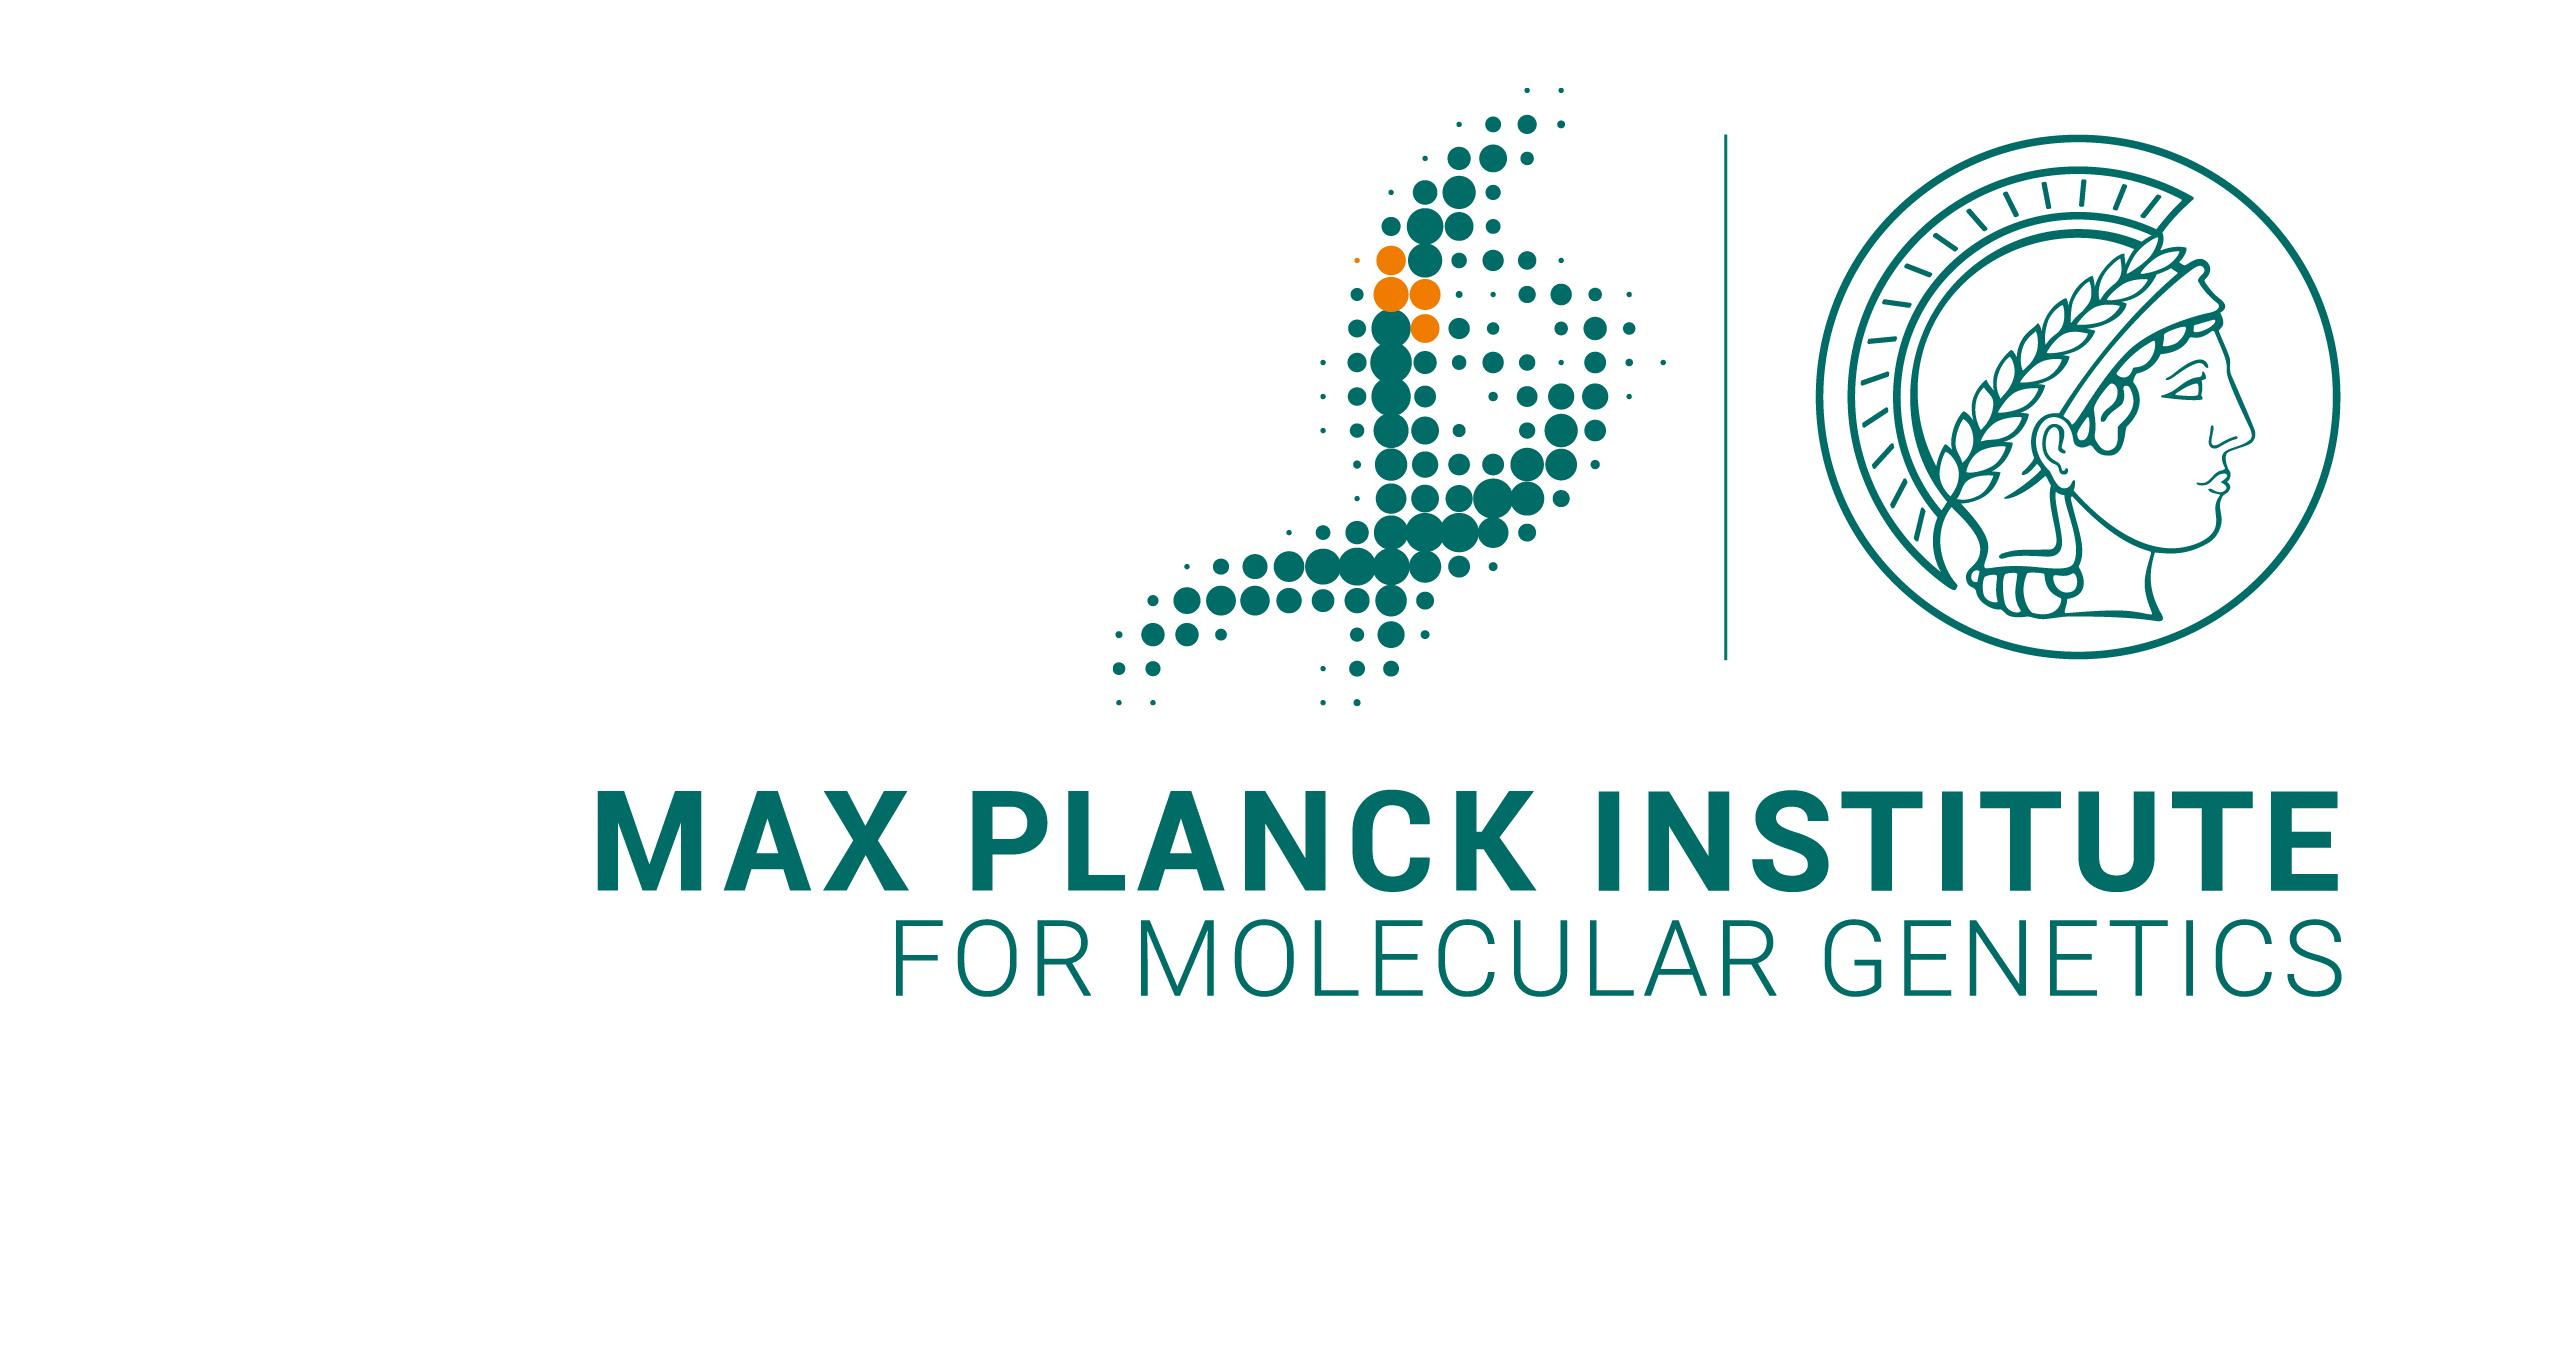 Max Planck Institute for Molecular Genetics